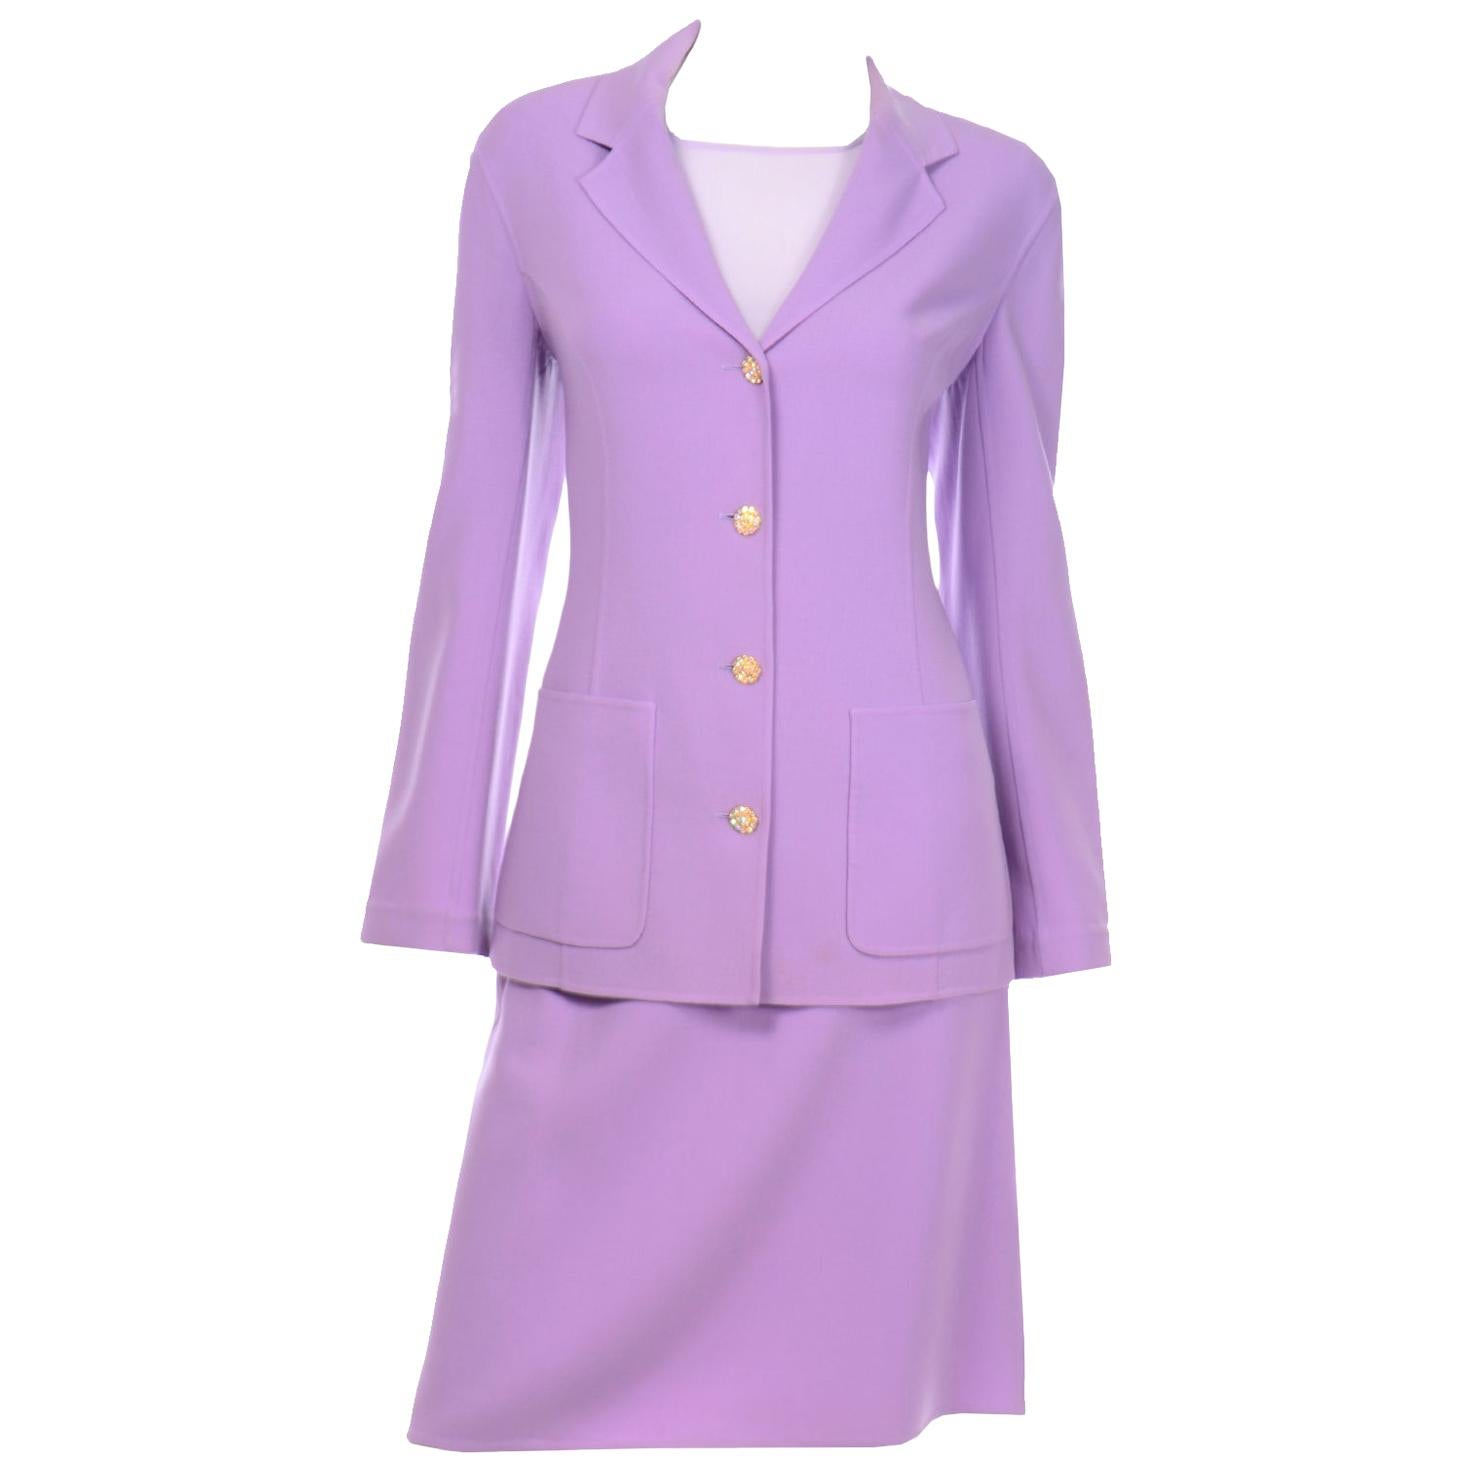 Monochromatic Celine Monochromatic Lavender Skirt Jacket Suit